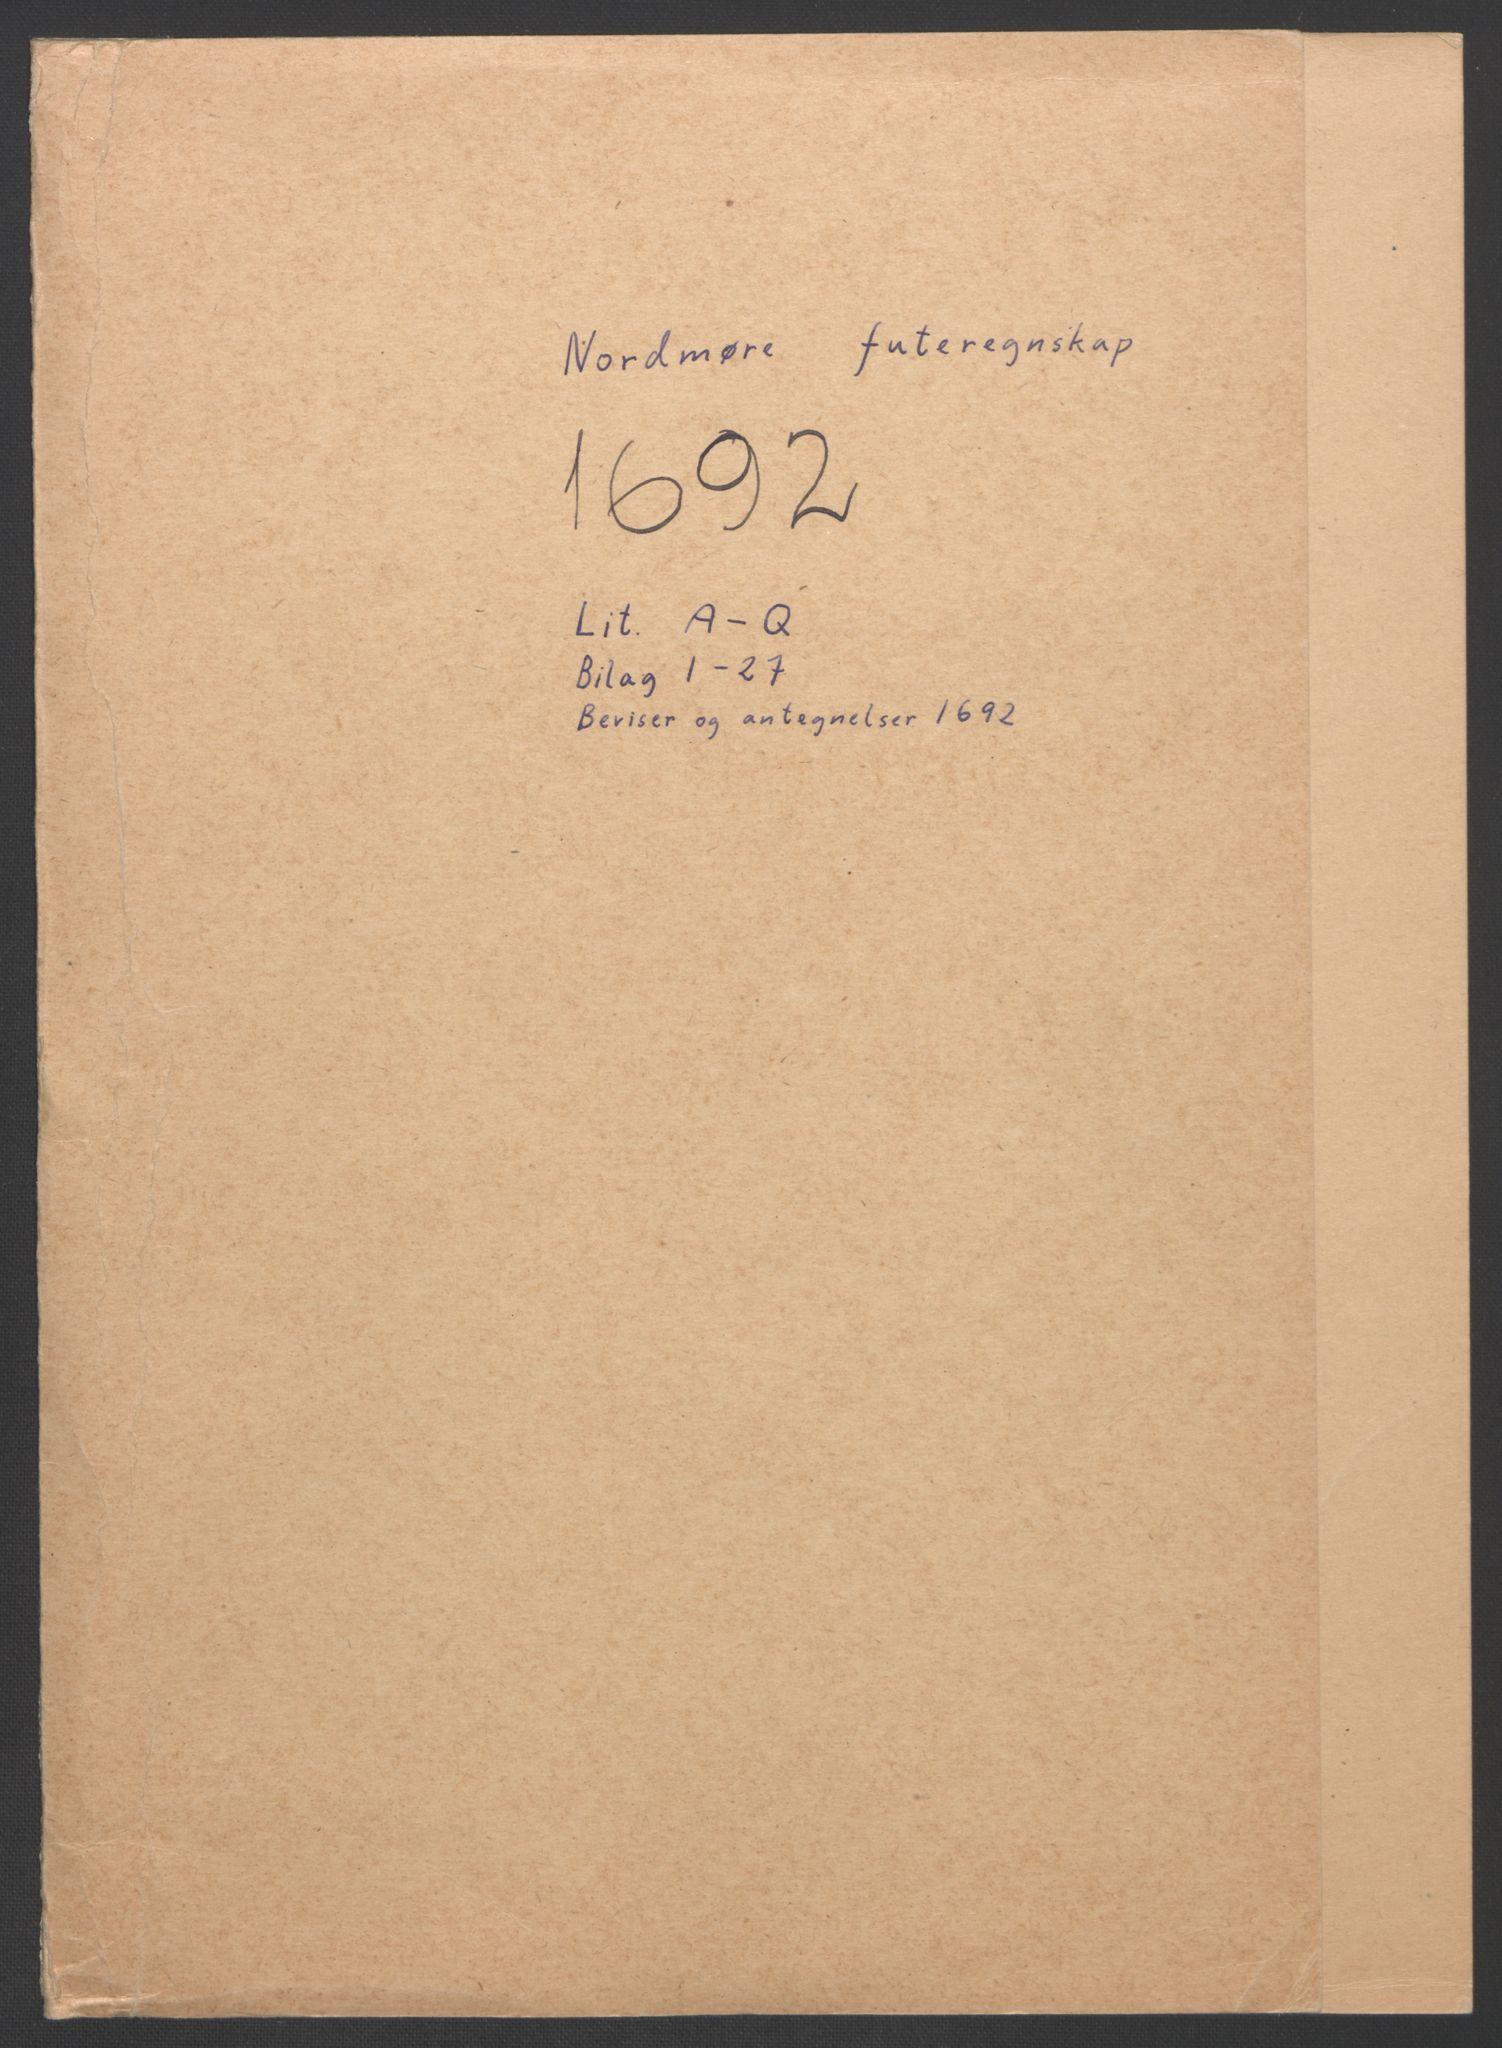 RA, Rentekammeret inntil 1814, Reviderte regnskaper, Fogderegnskap, R56/L3735: Fogderegnskap Nordmøre, 1692-1693, s. 2